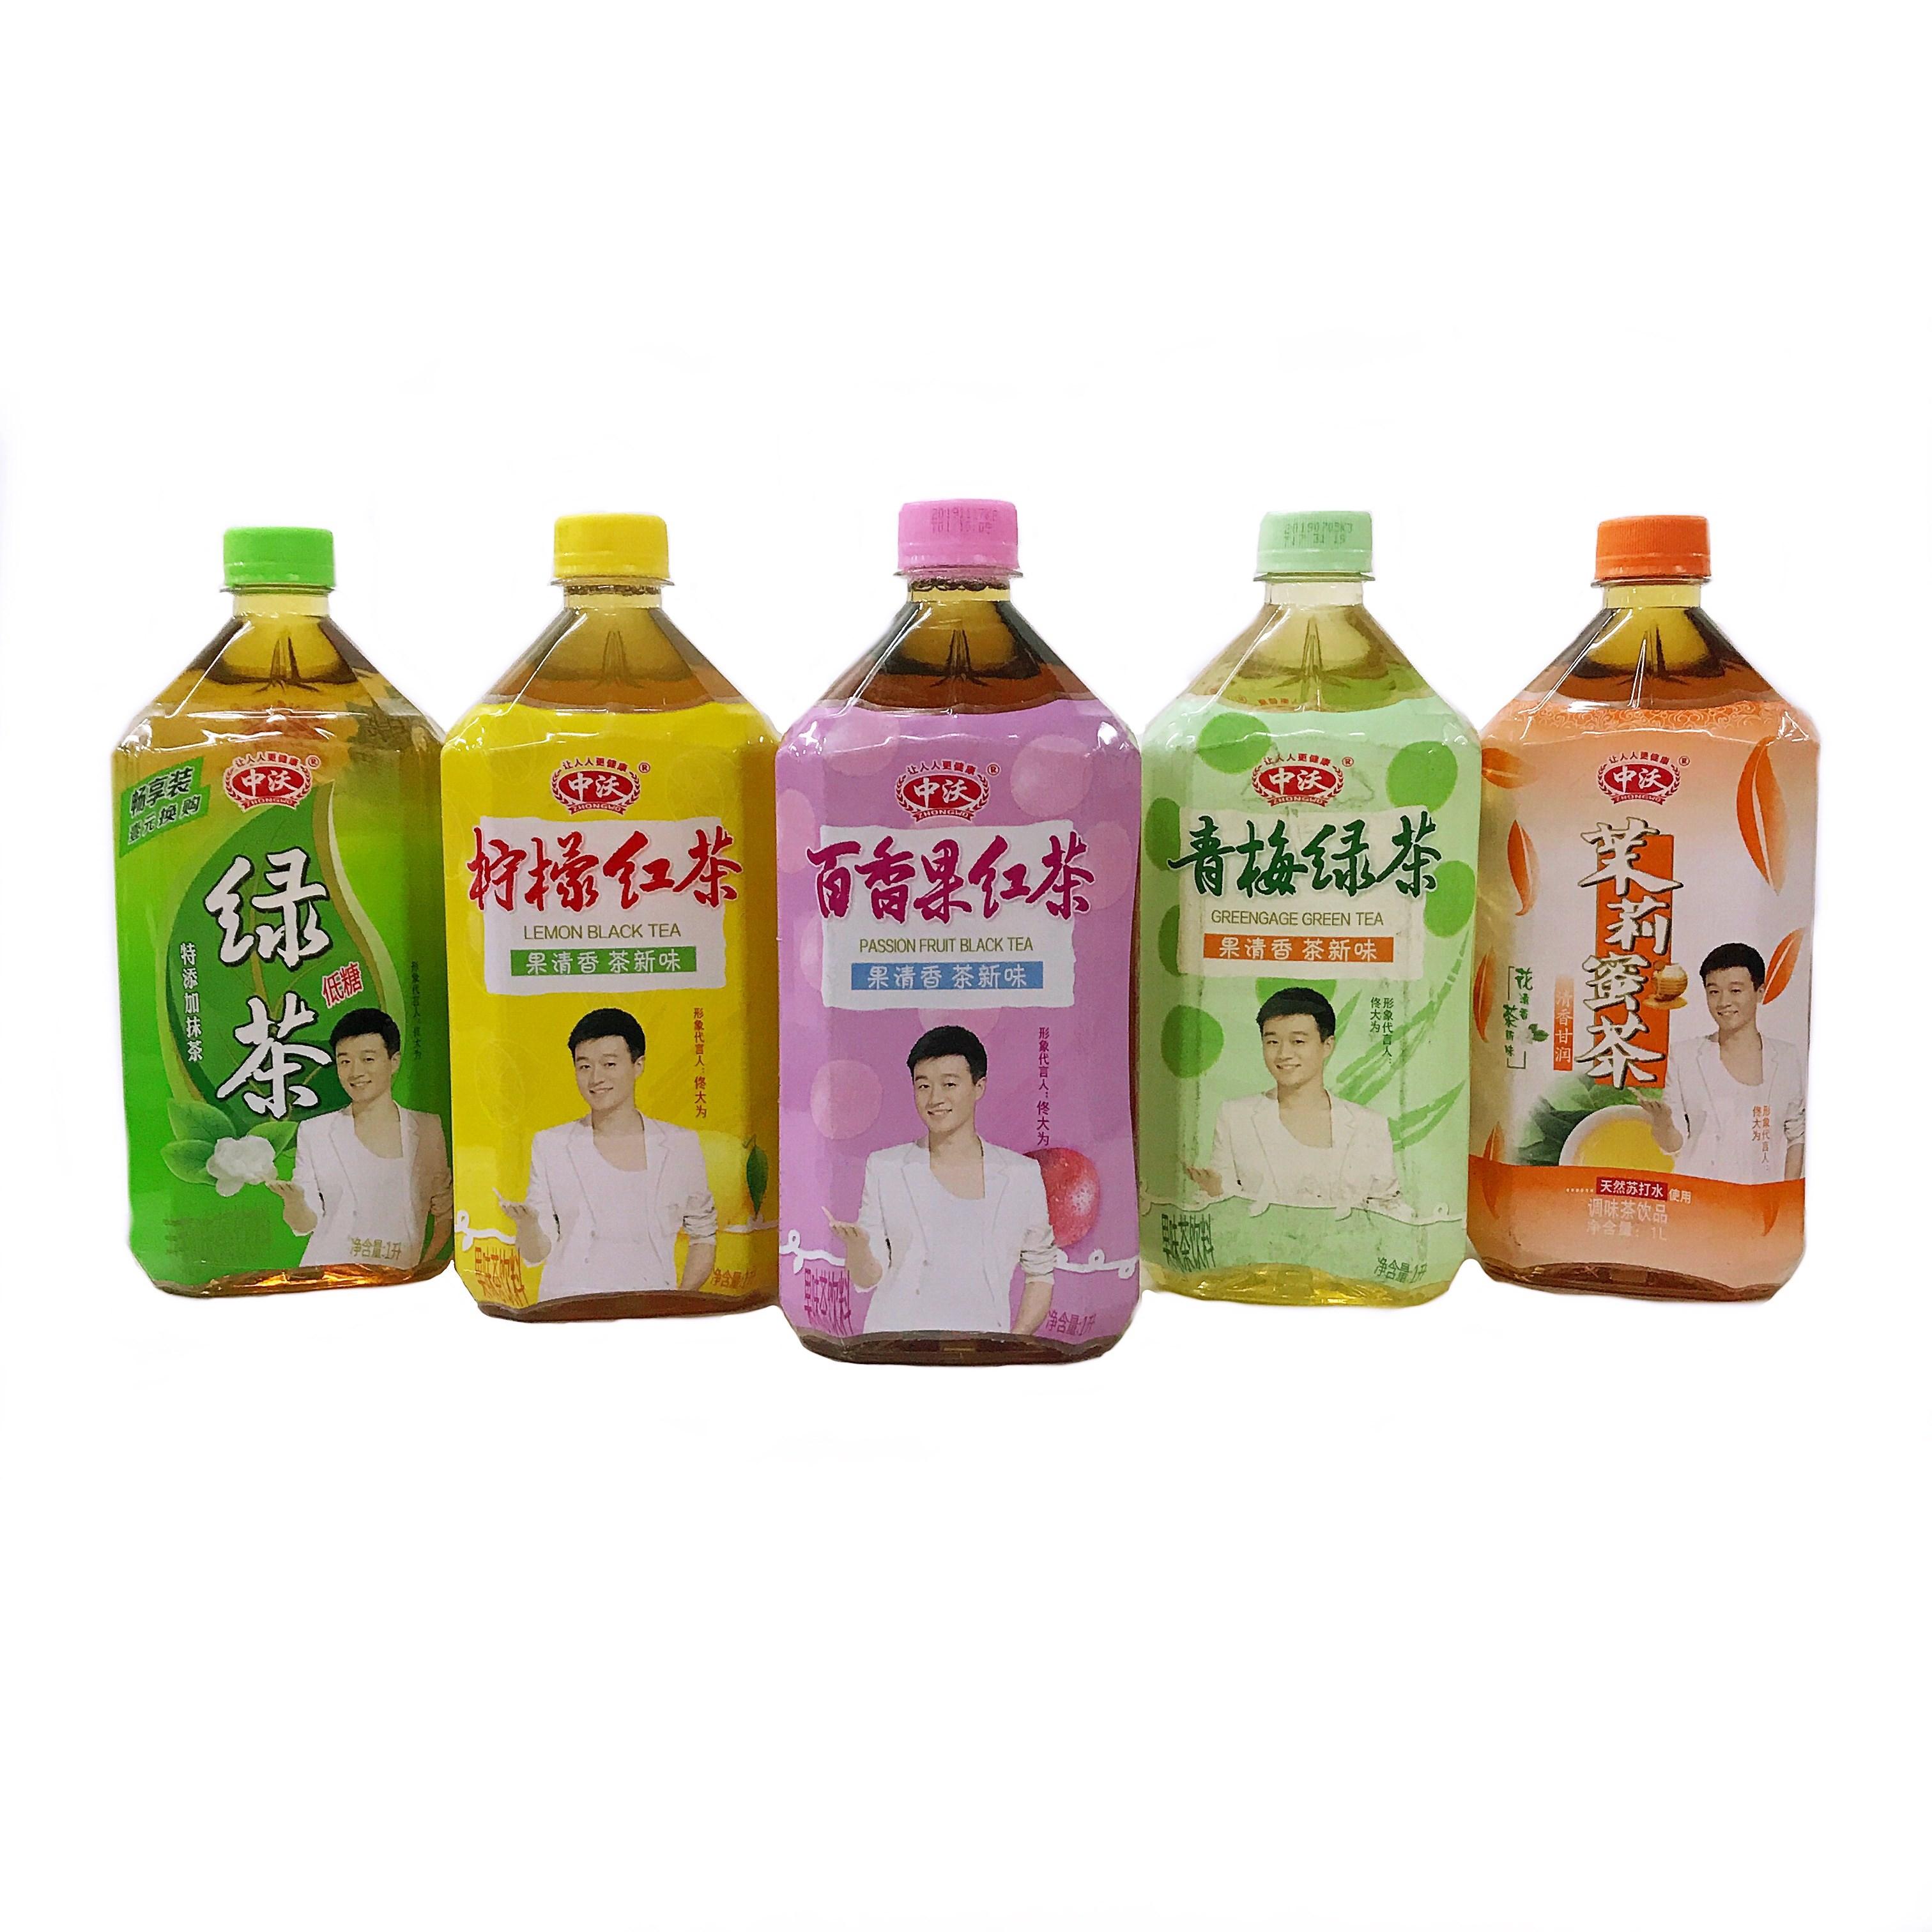 百香果红茶饮料中沃饮料 饮品一升冰柠檬红茶青梅绿茶大瓶1000ml